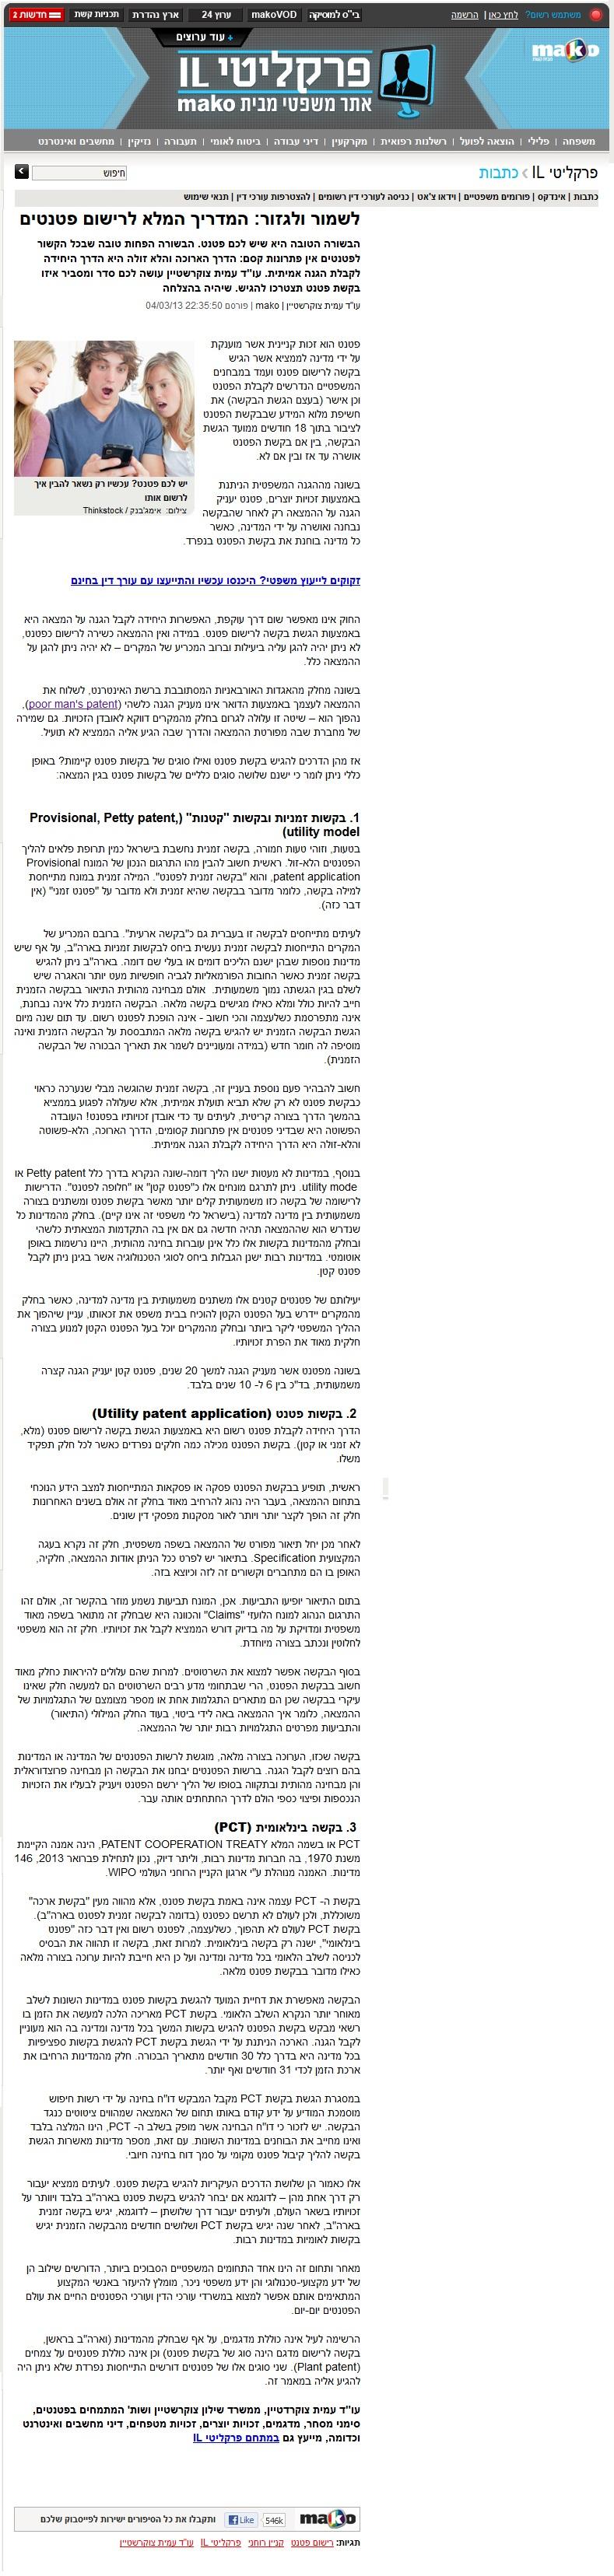 מאקו (אתר), 04/03/2013, לשמור ולגזור: המדריך המלא לרישום פטנטים